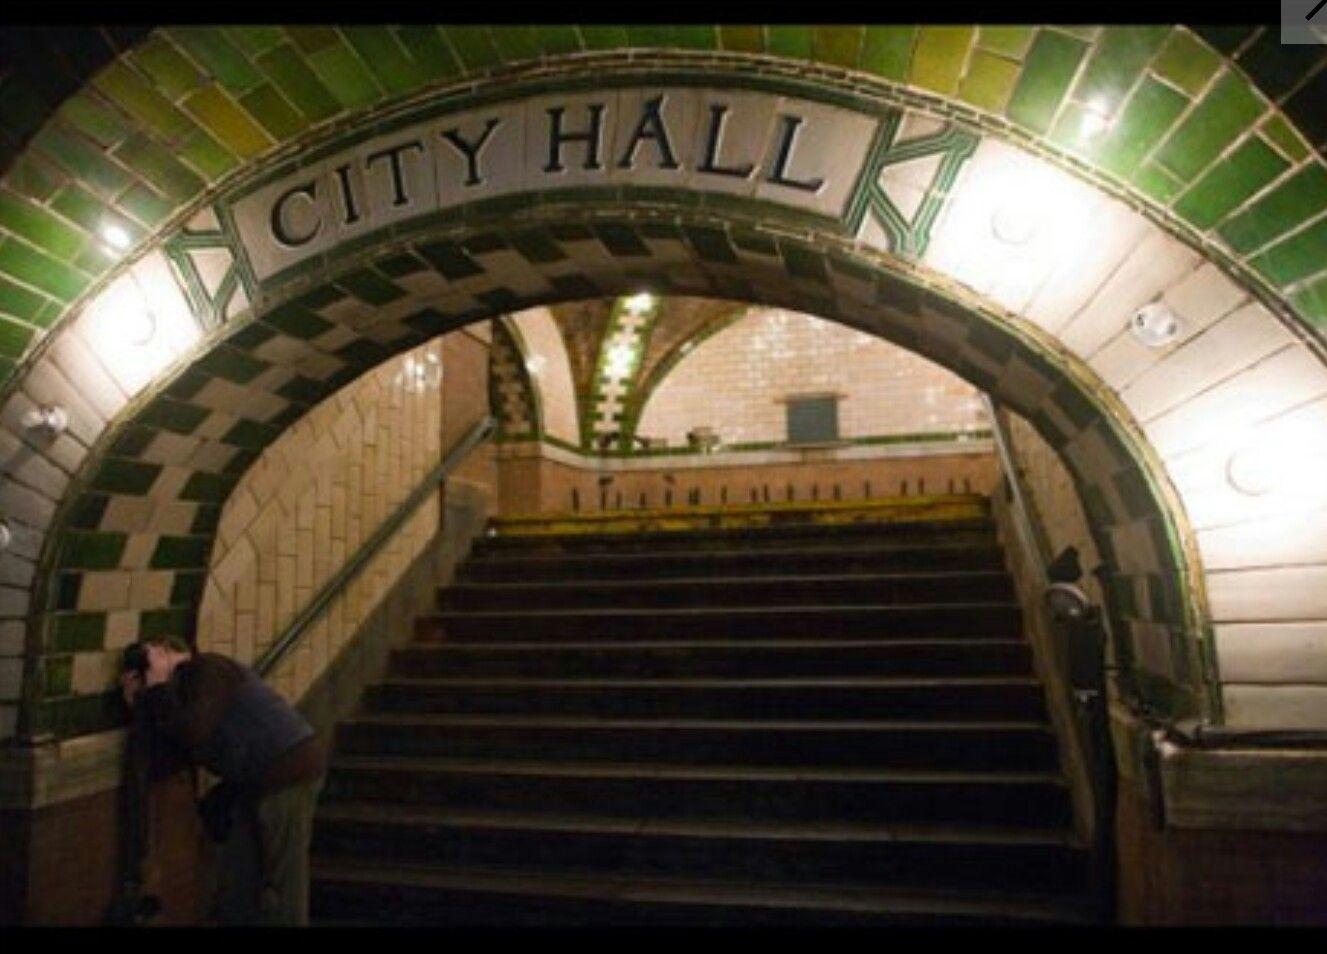 Old NYC subway Nyc subway, City hall station